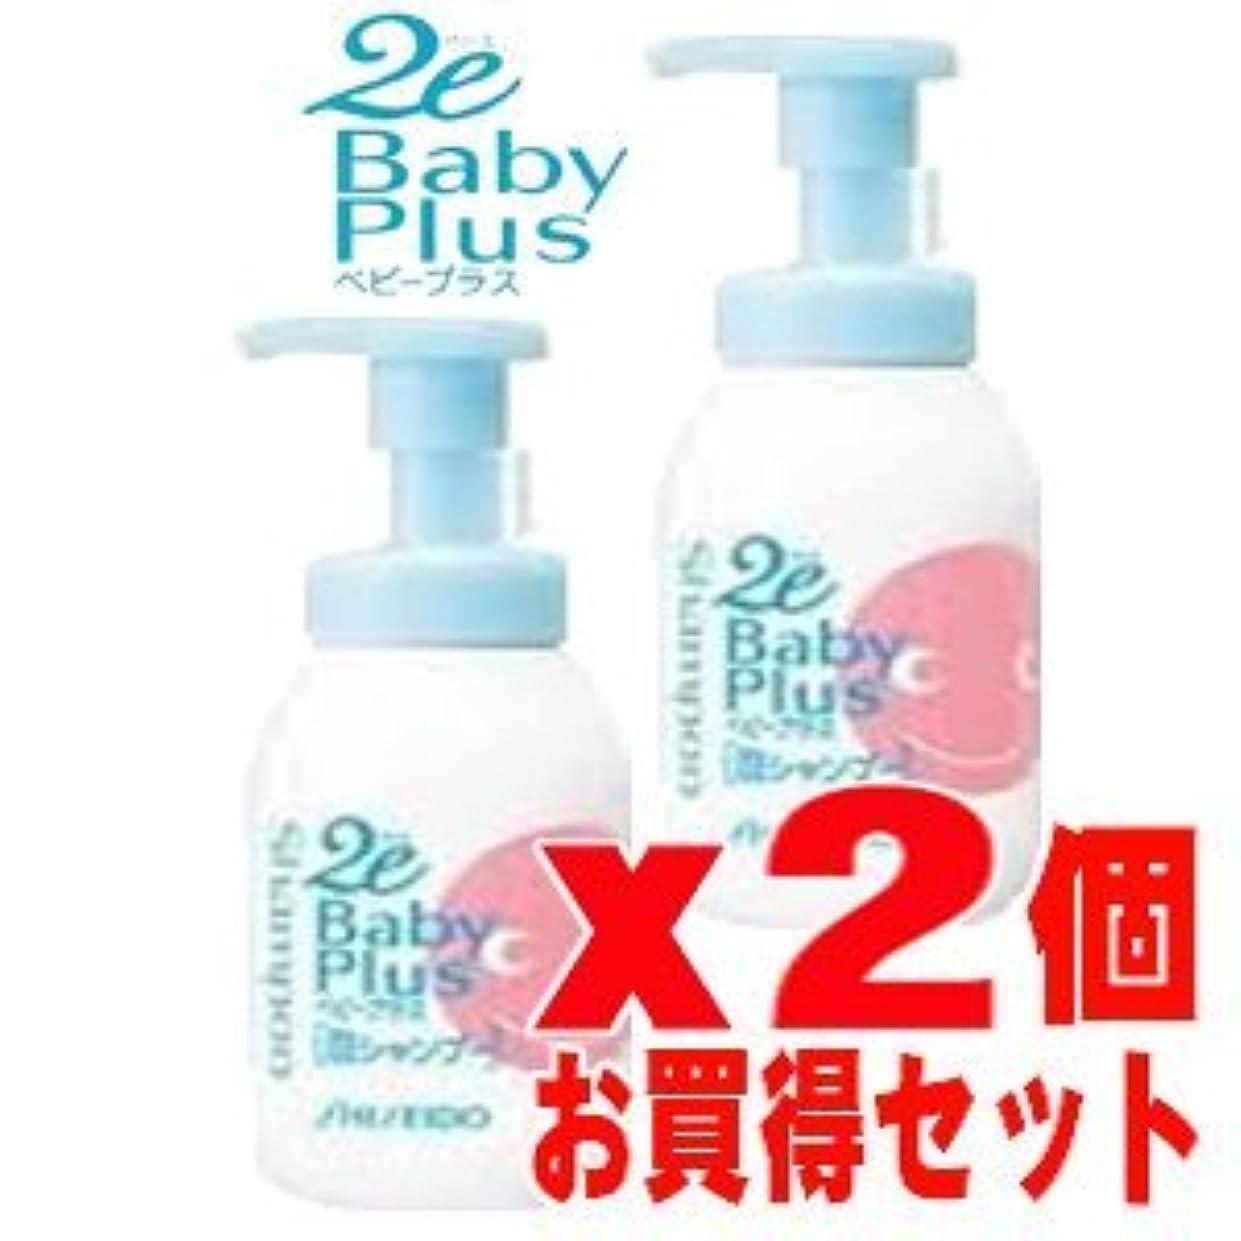 プロペラコジオスコヒューム2E(ドゥーエ) ベビープラス BABY PLUS泡シャンプー 300MLx2個